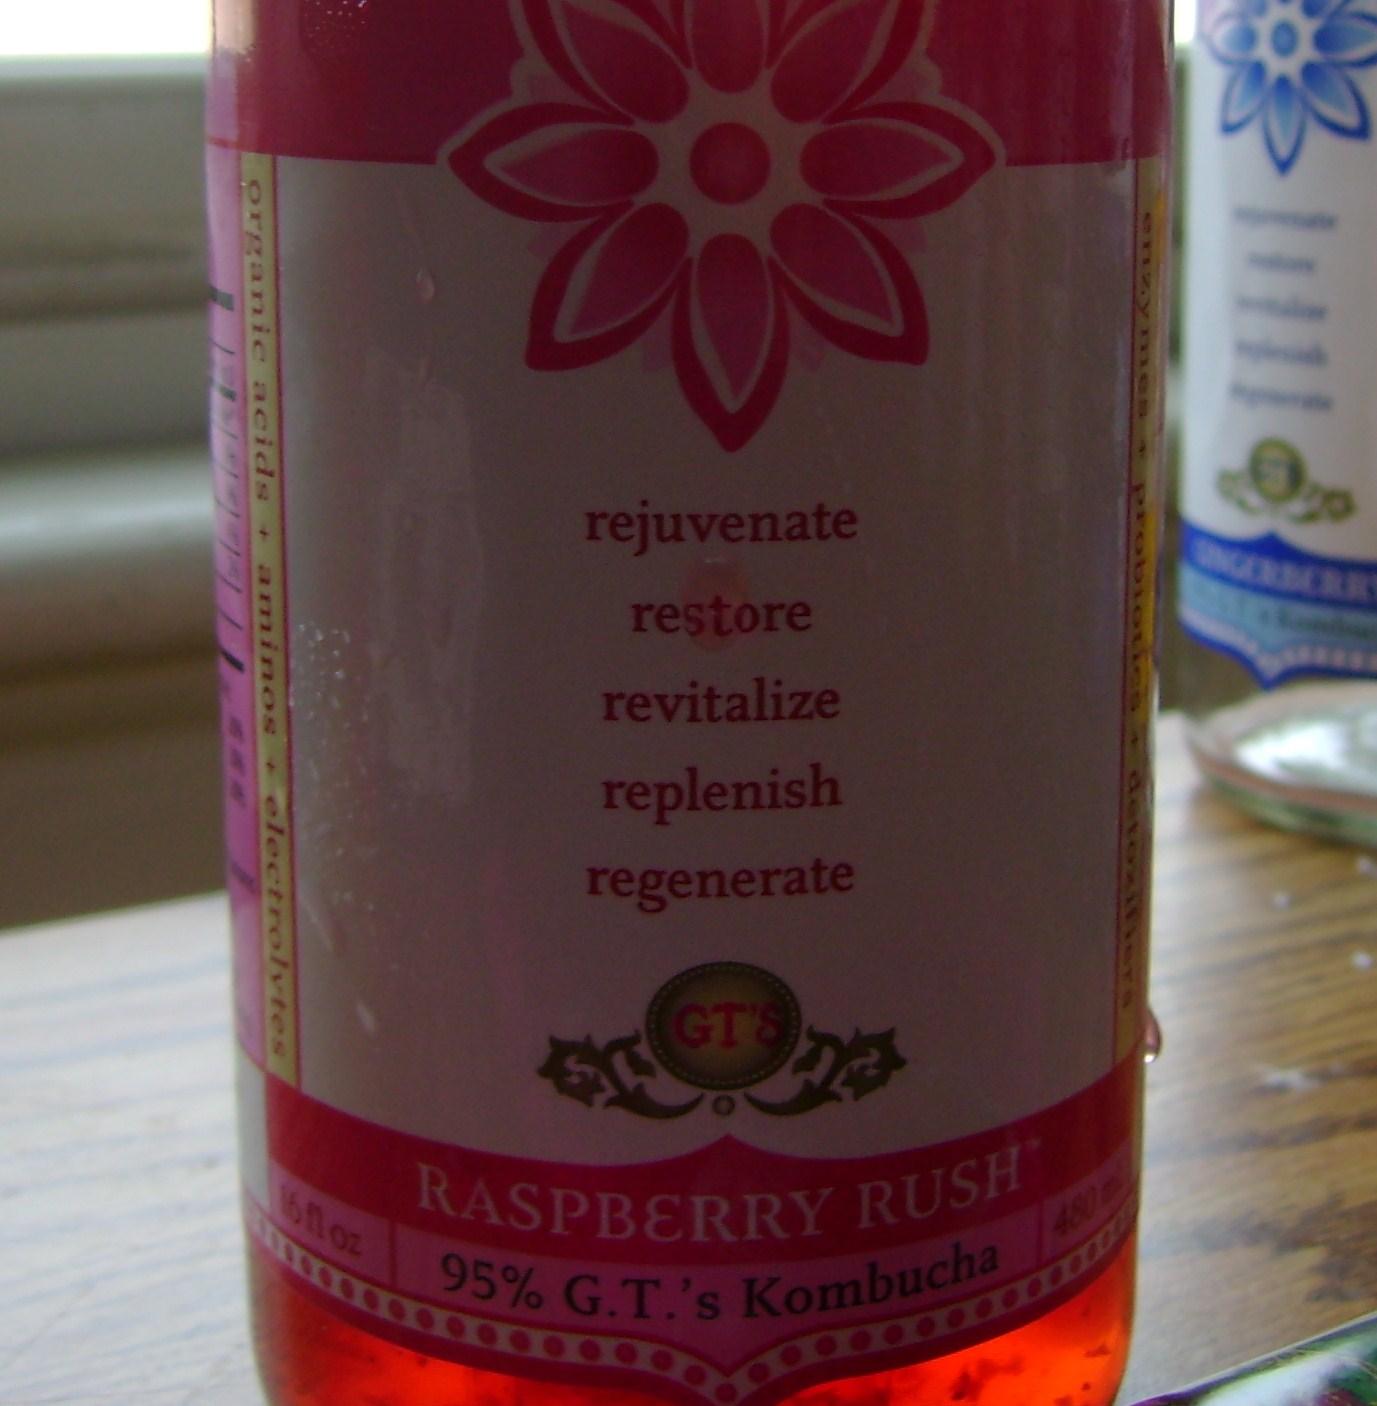 Raspberry Rush Kombucha